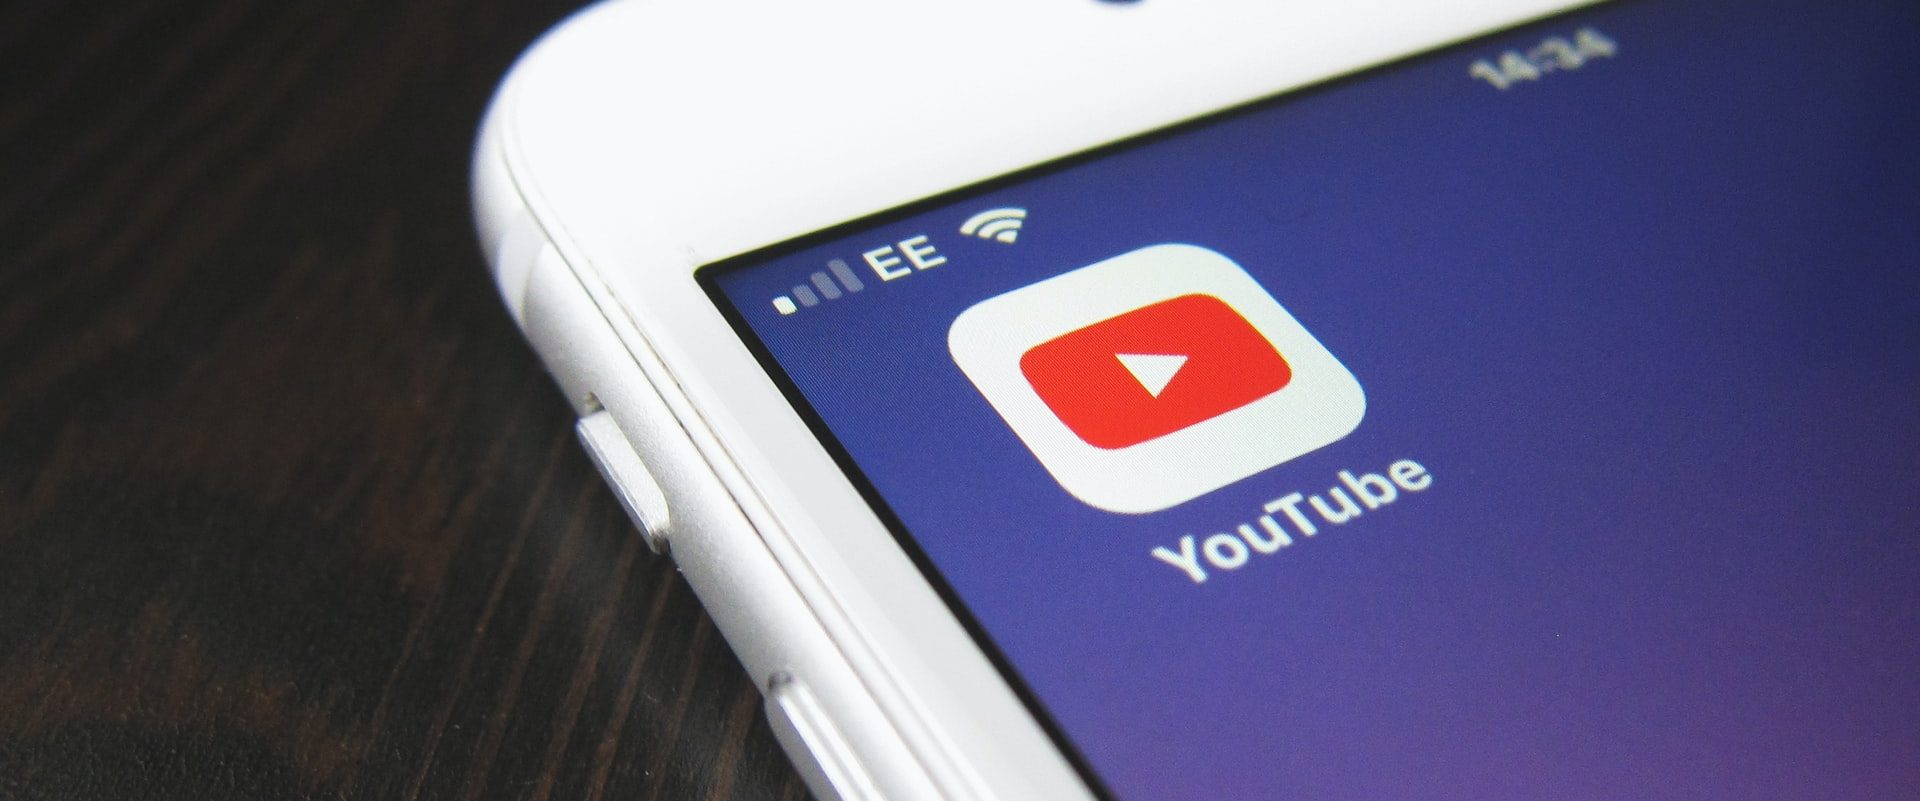 Guide monétisation youtube - comment lancer une nouvelle chaine